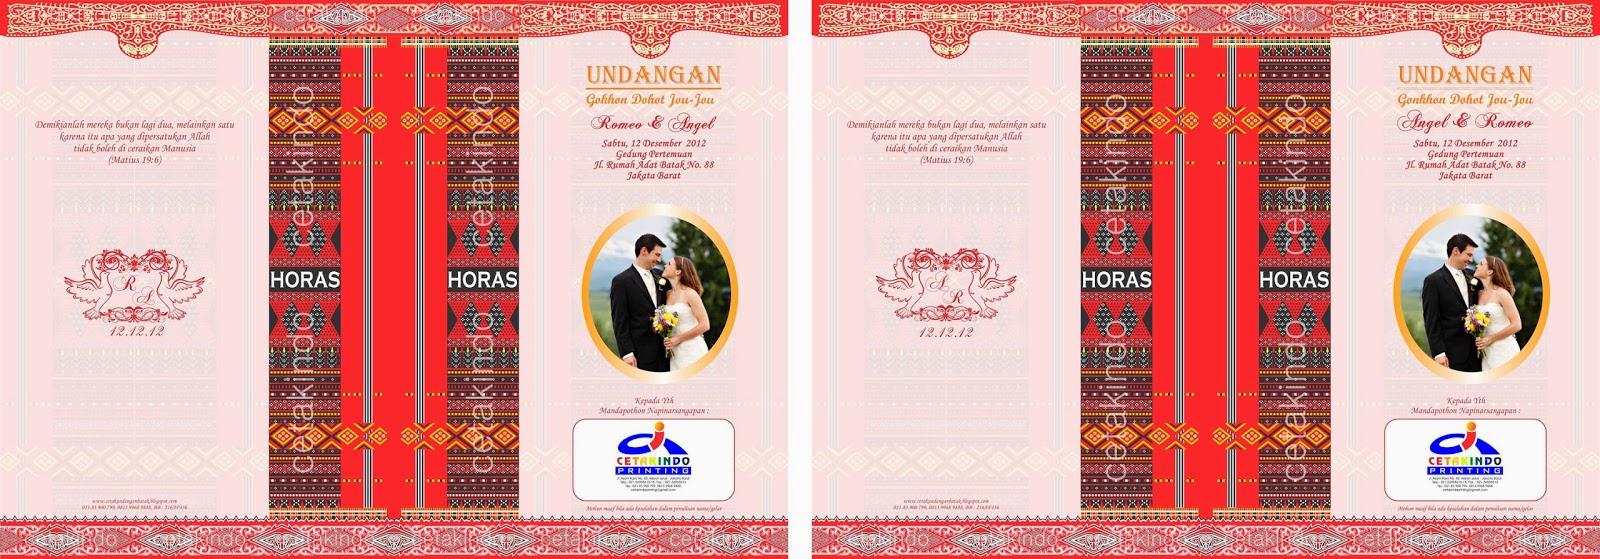 Contoh Undangan Pernikahan Contoh Undangan Pernikahan Batak Simalungun